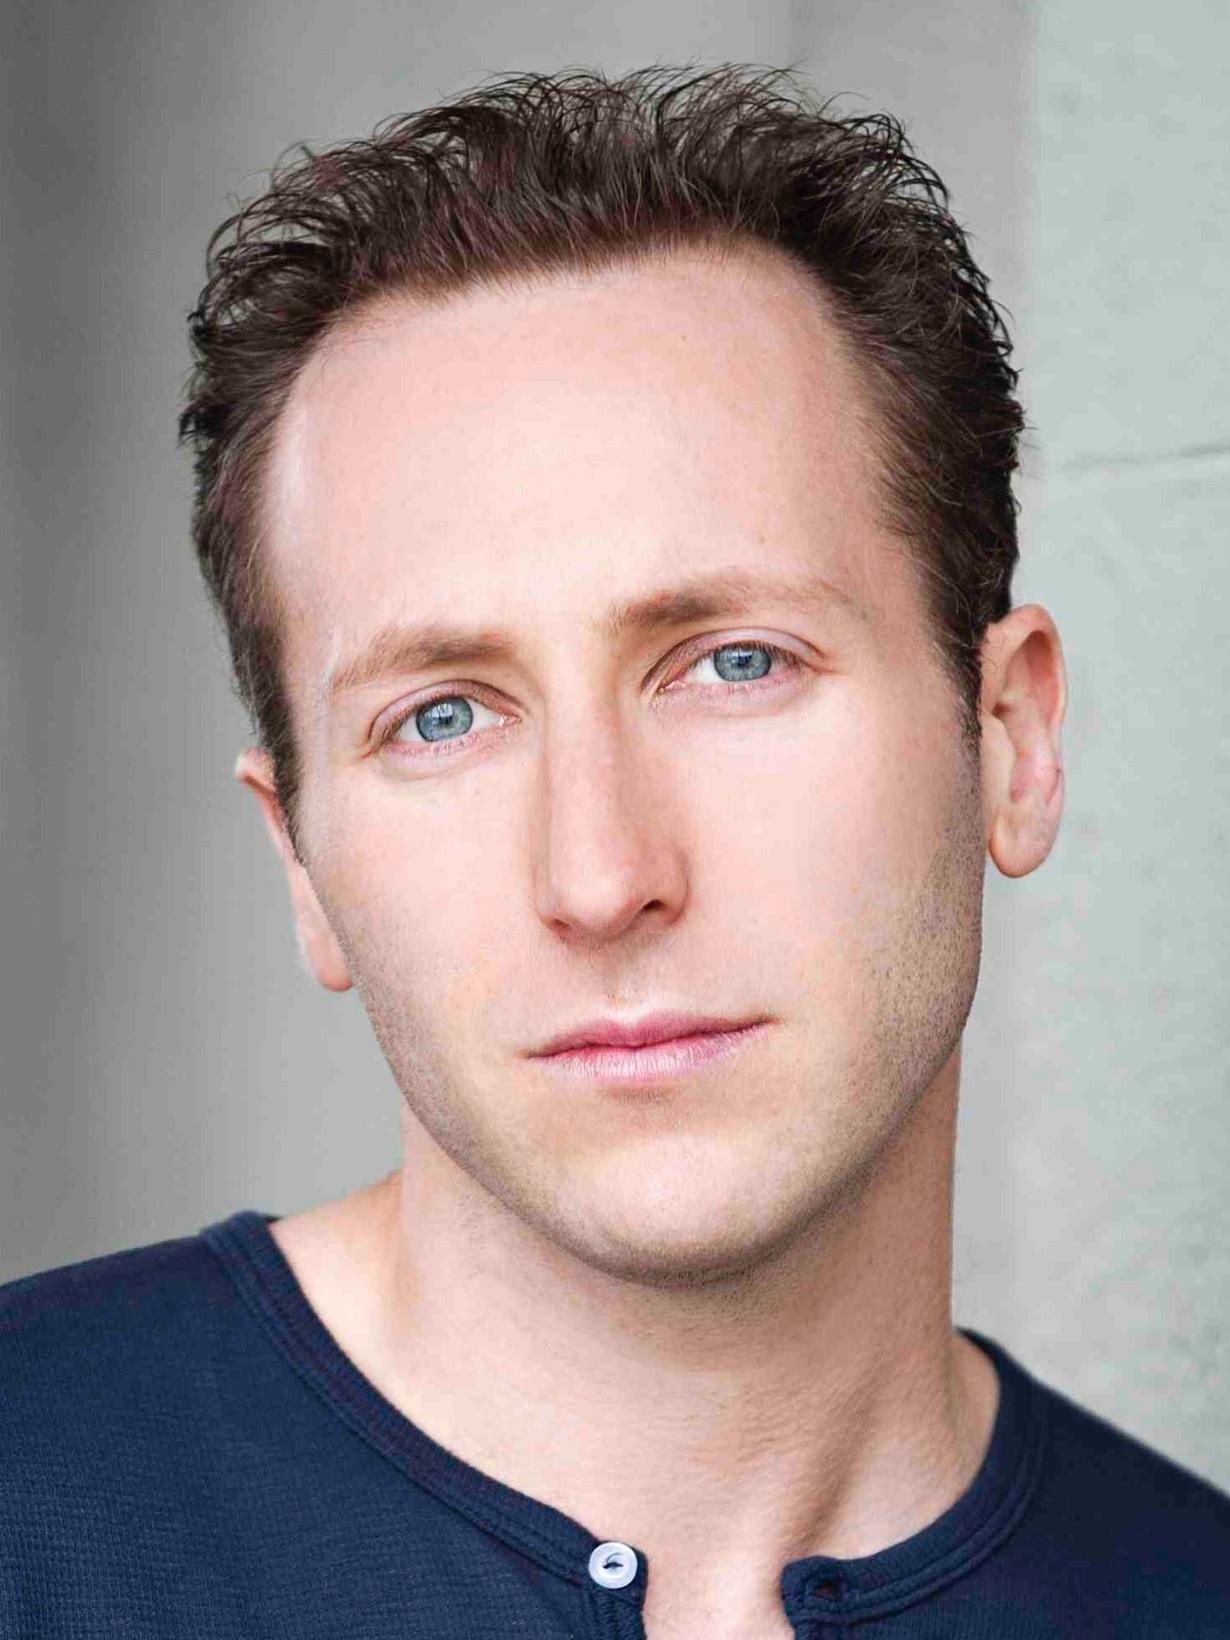 Josh Epstein - Actor/Director/Producer